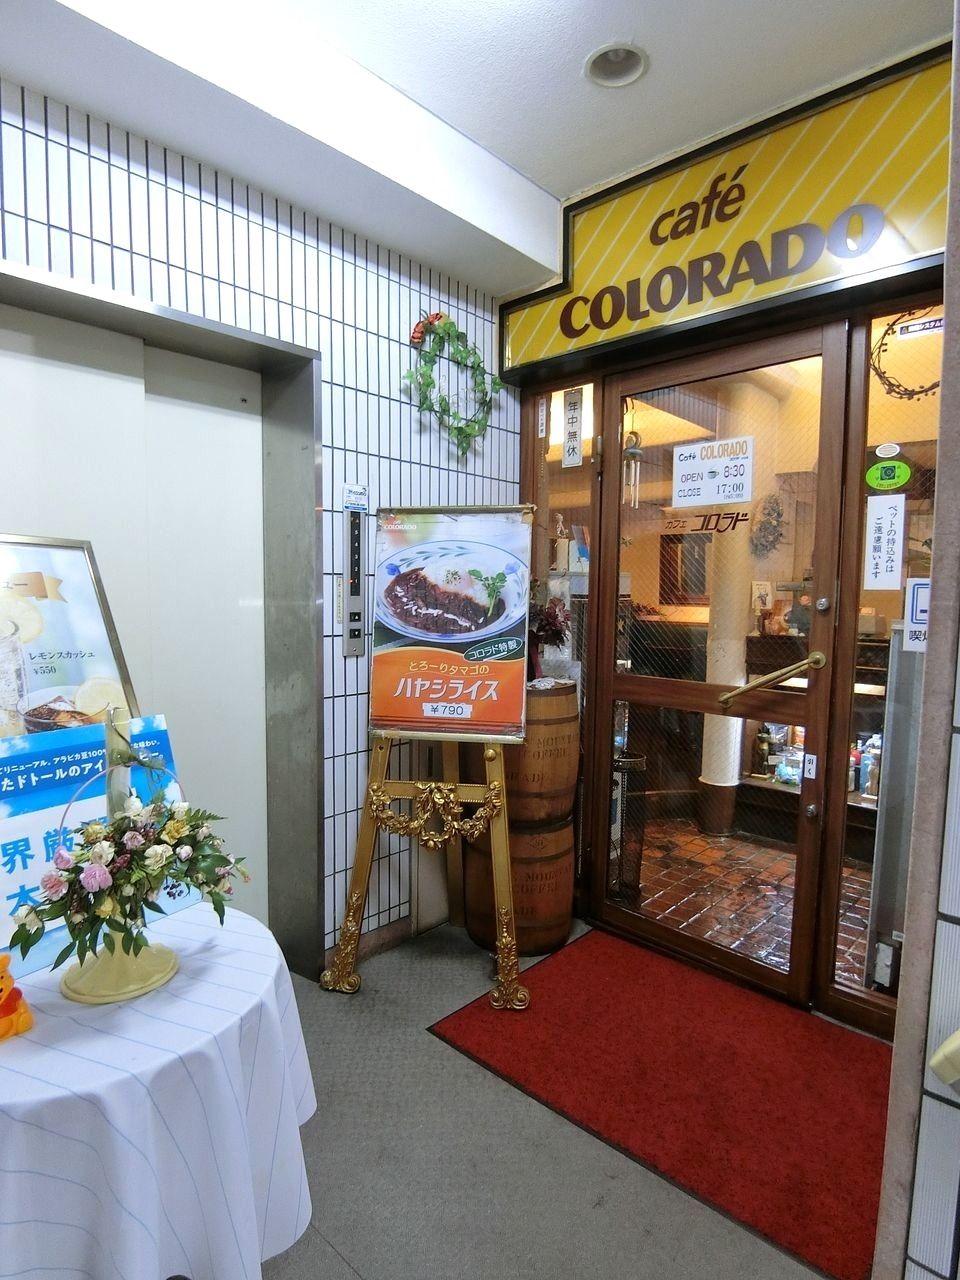 カフェコロラド大山店